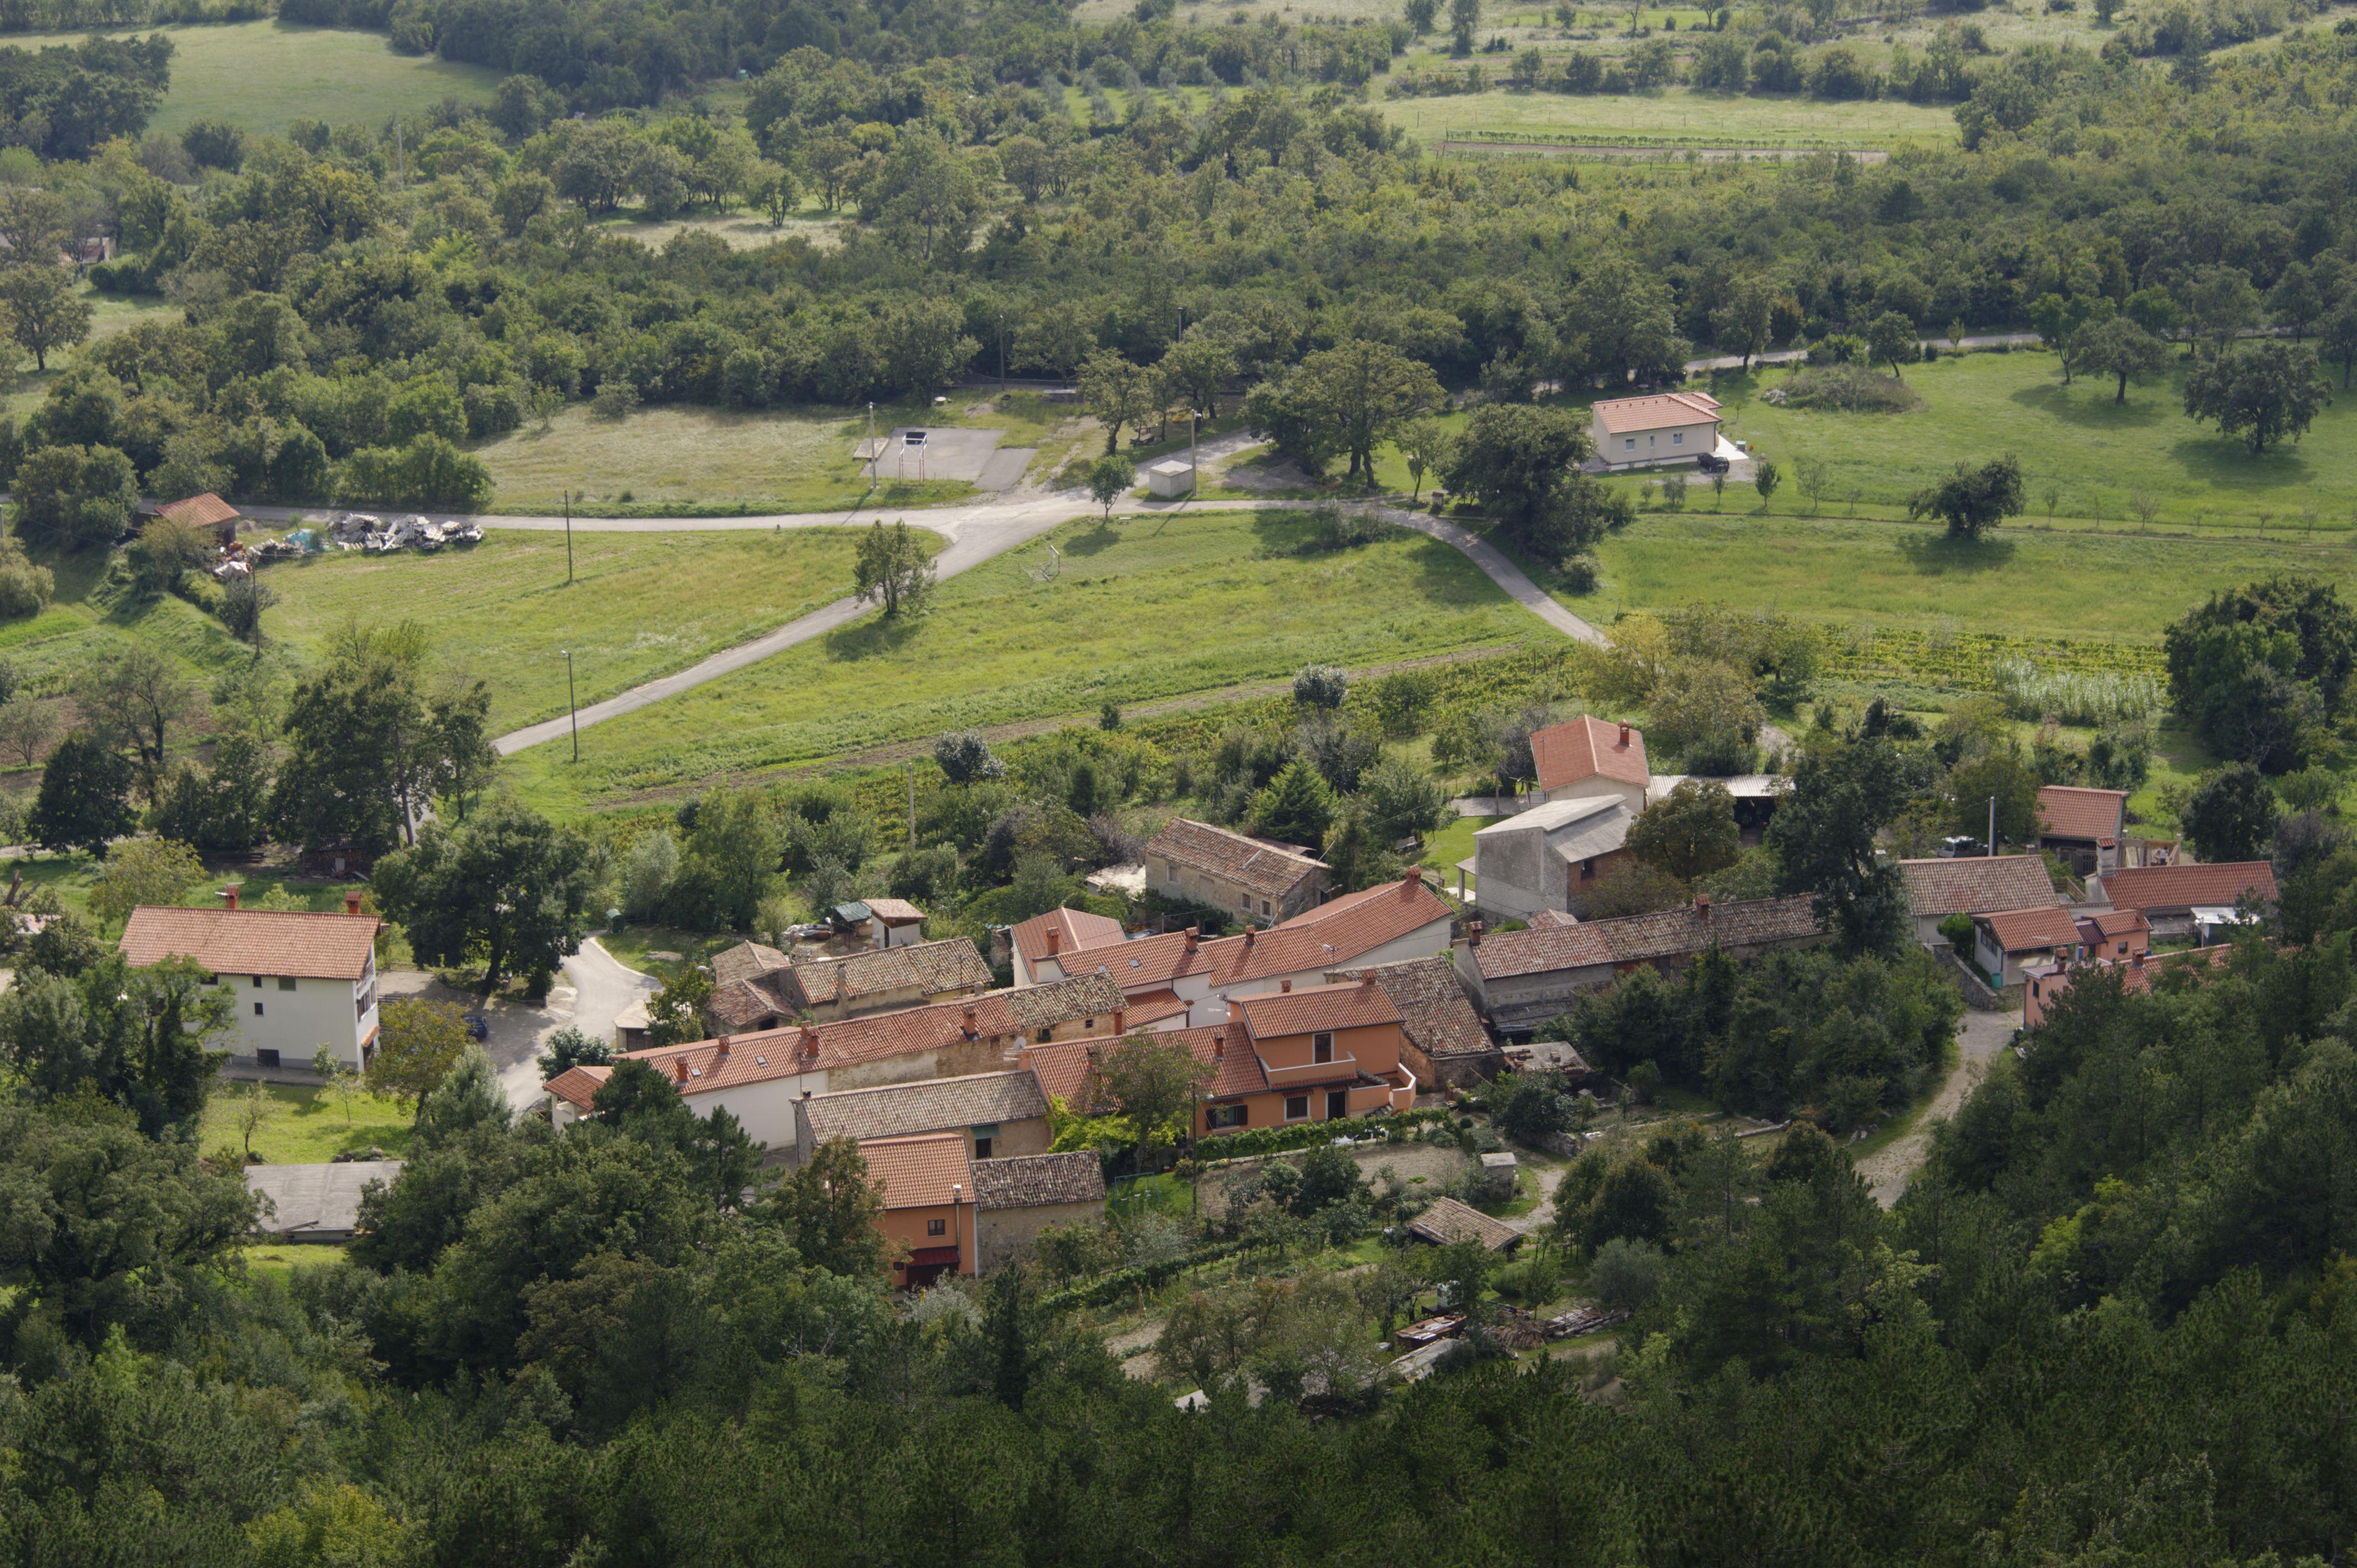 8837-Au dessus de Buzet (Istrie)